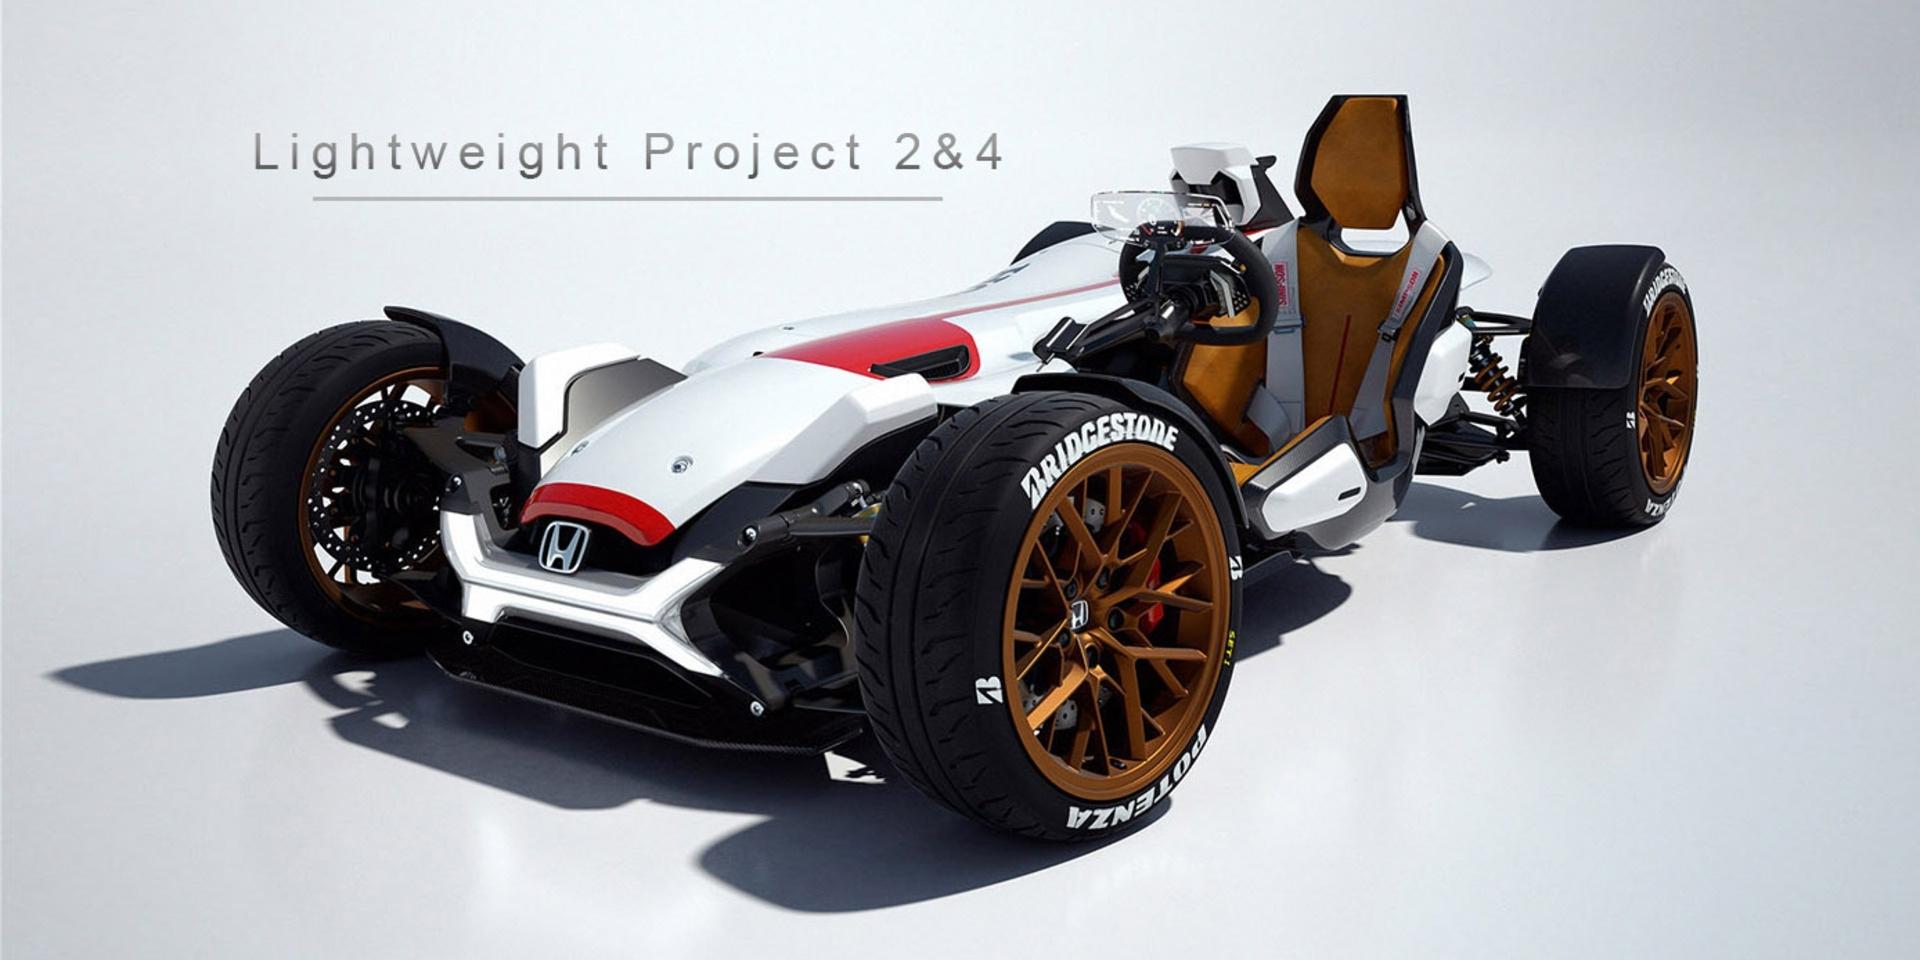 兩輪、四輪攜手合作。 HONDA推出Lightweight Project 2&4